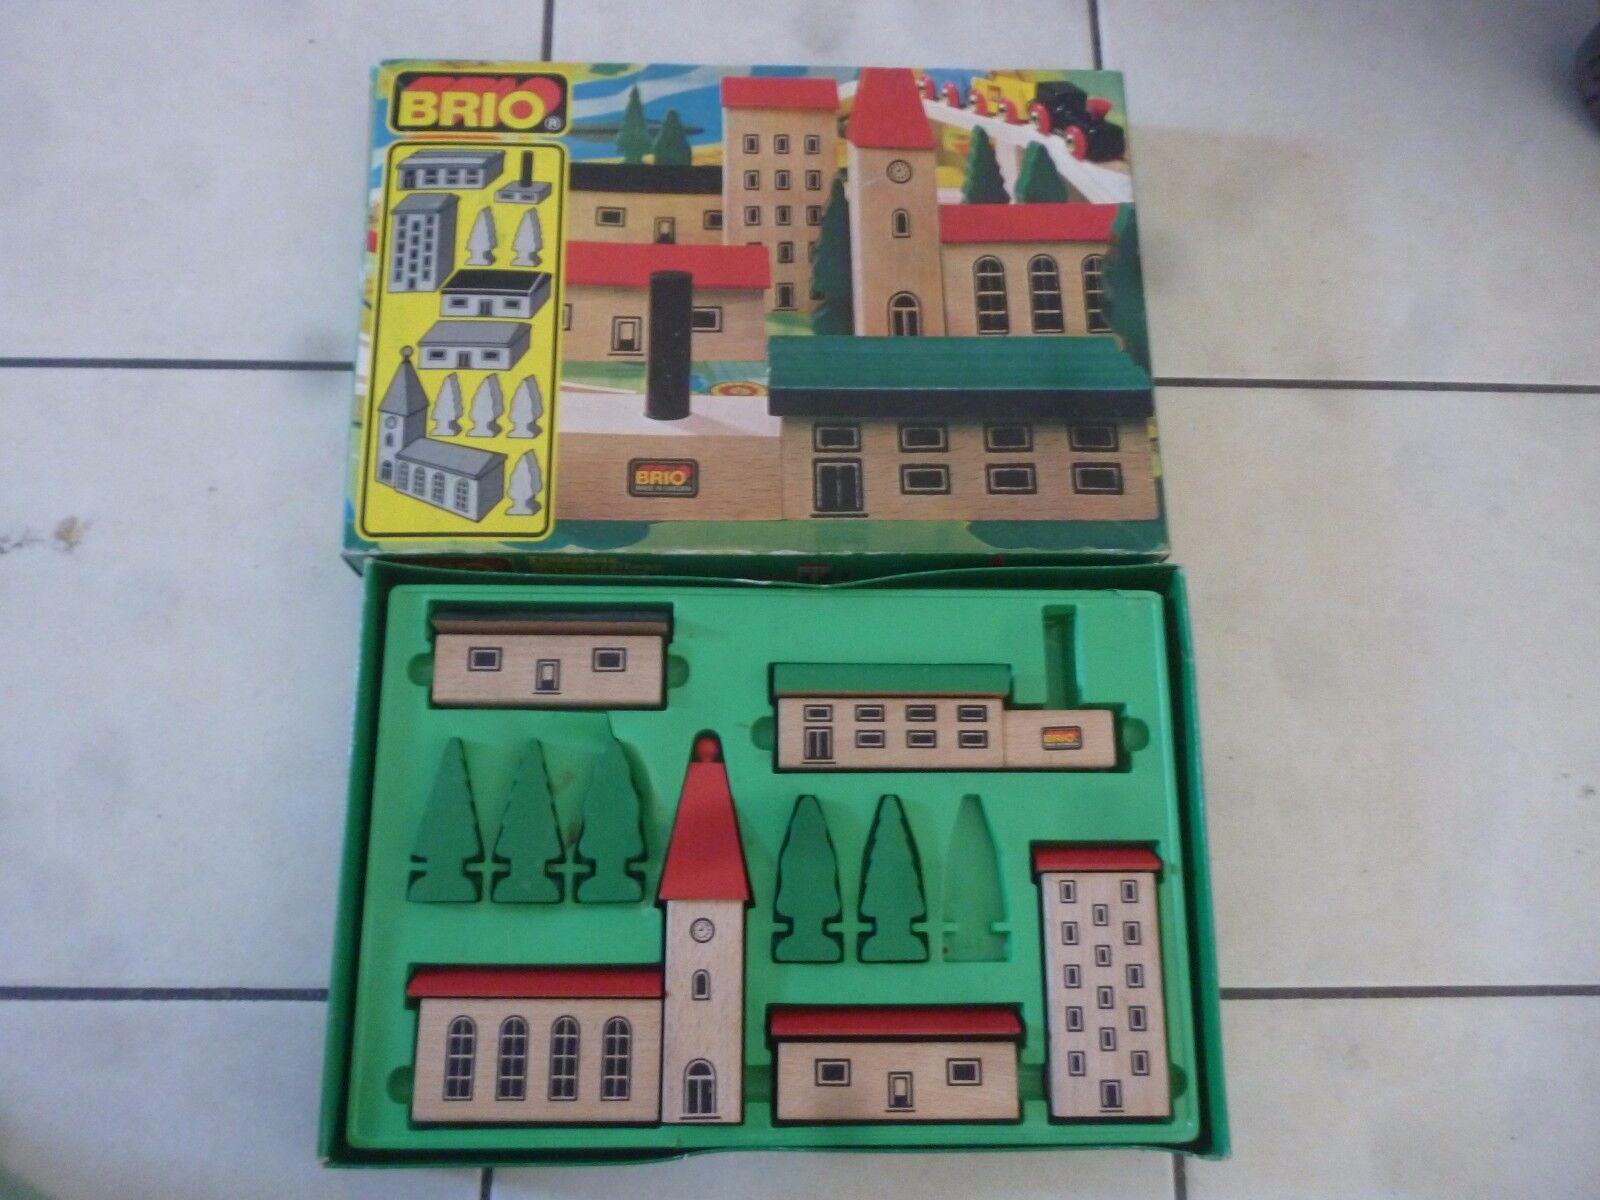 Vintage BRIO Wooden Train set 3374 31405/74 città town trenino legno